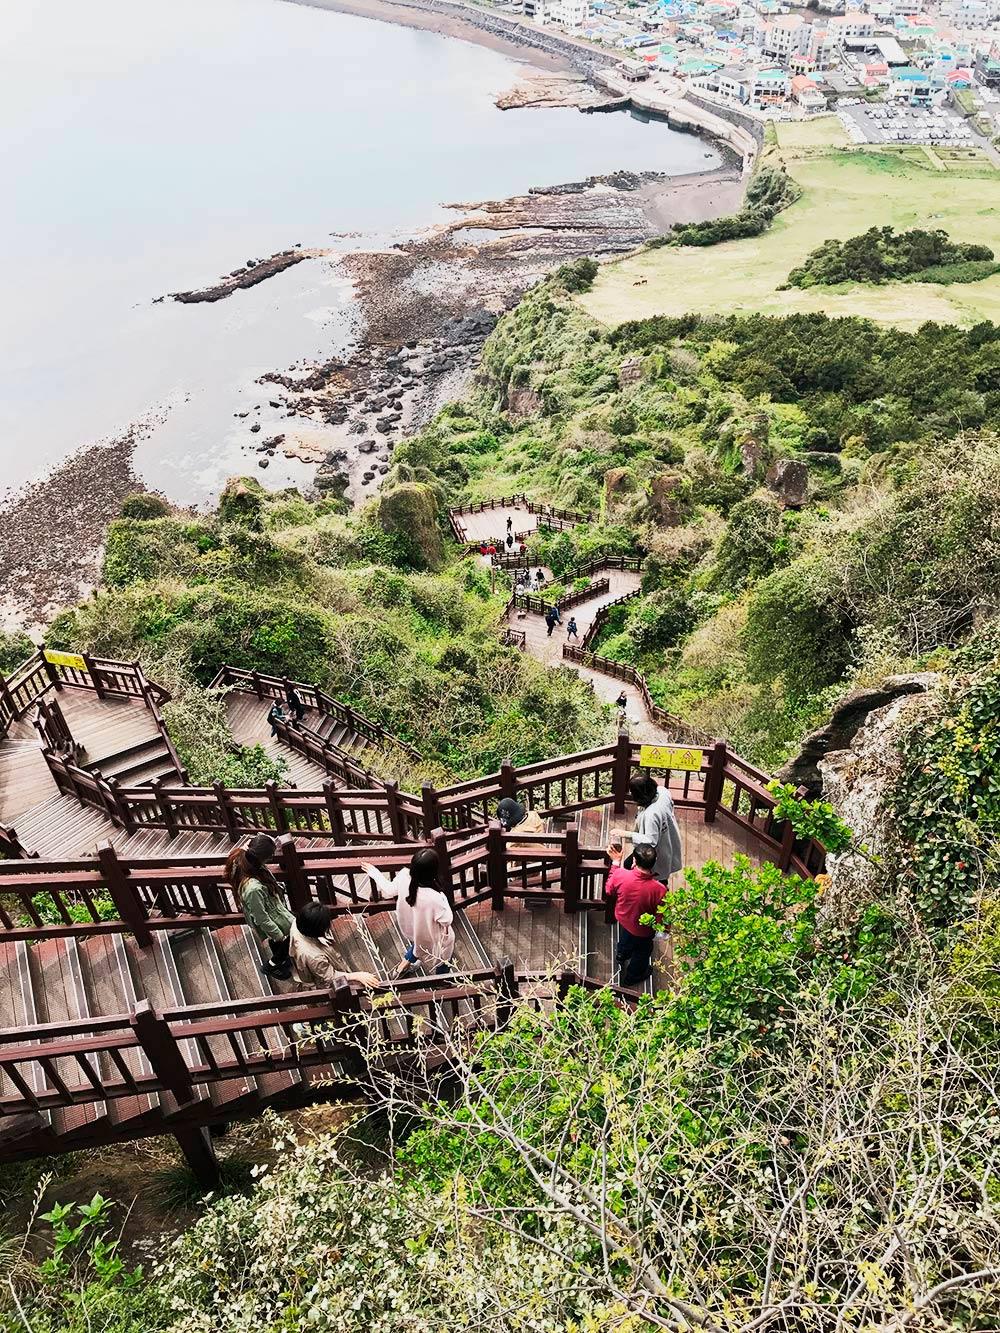 Подъем на вулкан по специально оборудованной лестнице занимает около 30 минут. Сверху открываются виды на море и горы острова Чеджу. Некоторые туристы встают в 5 утра, чтобы подняться на вершину и встретить там рассвет